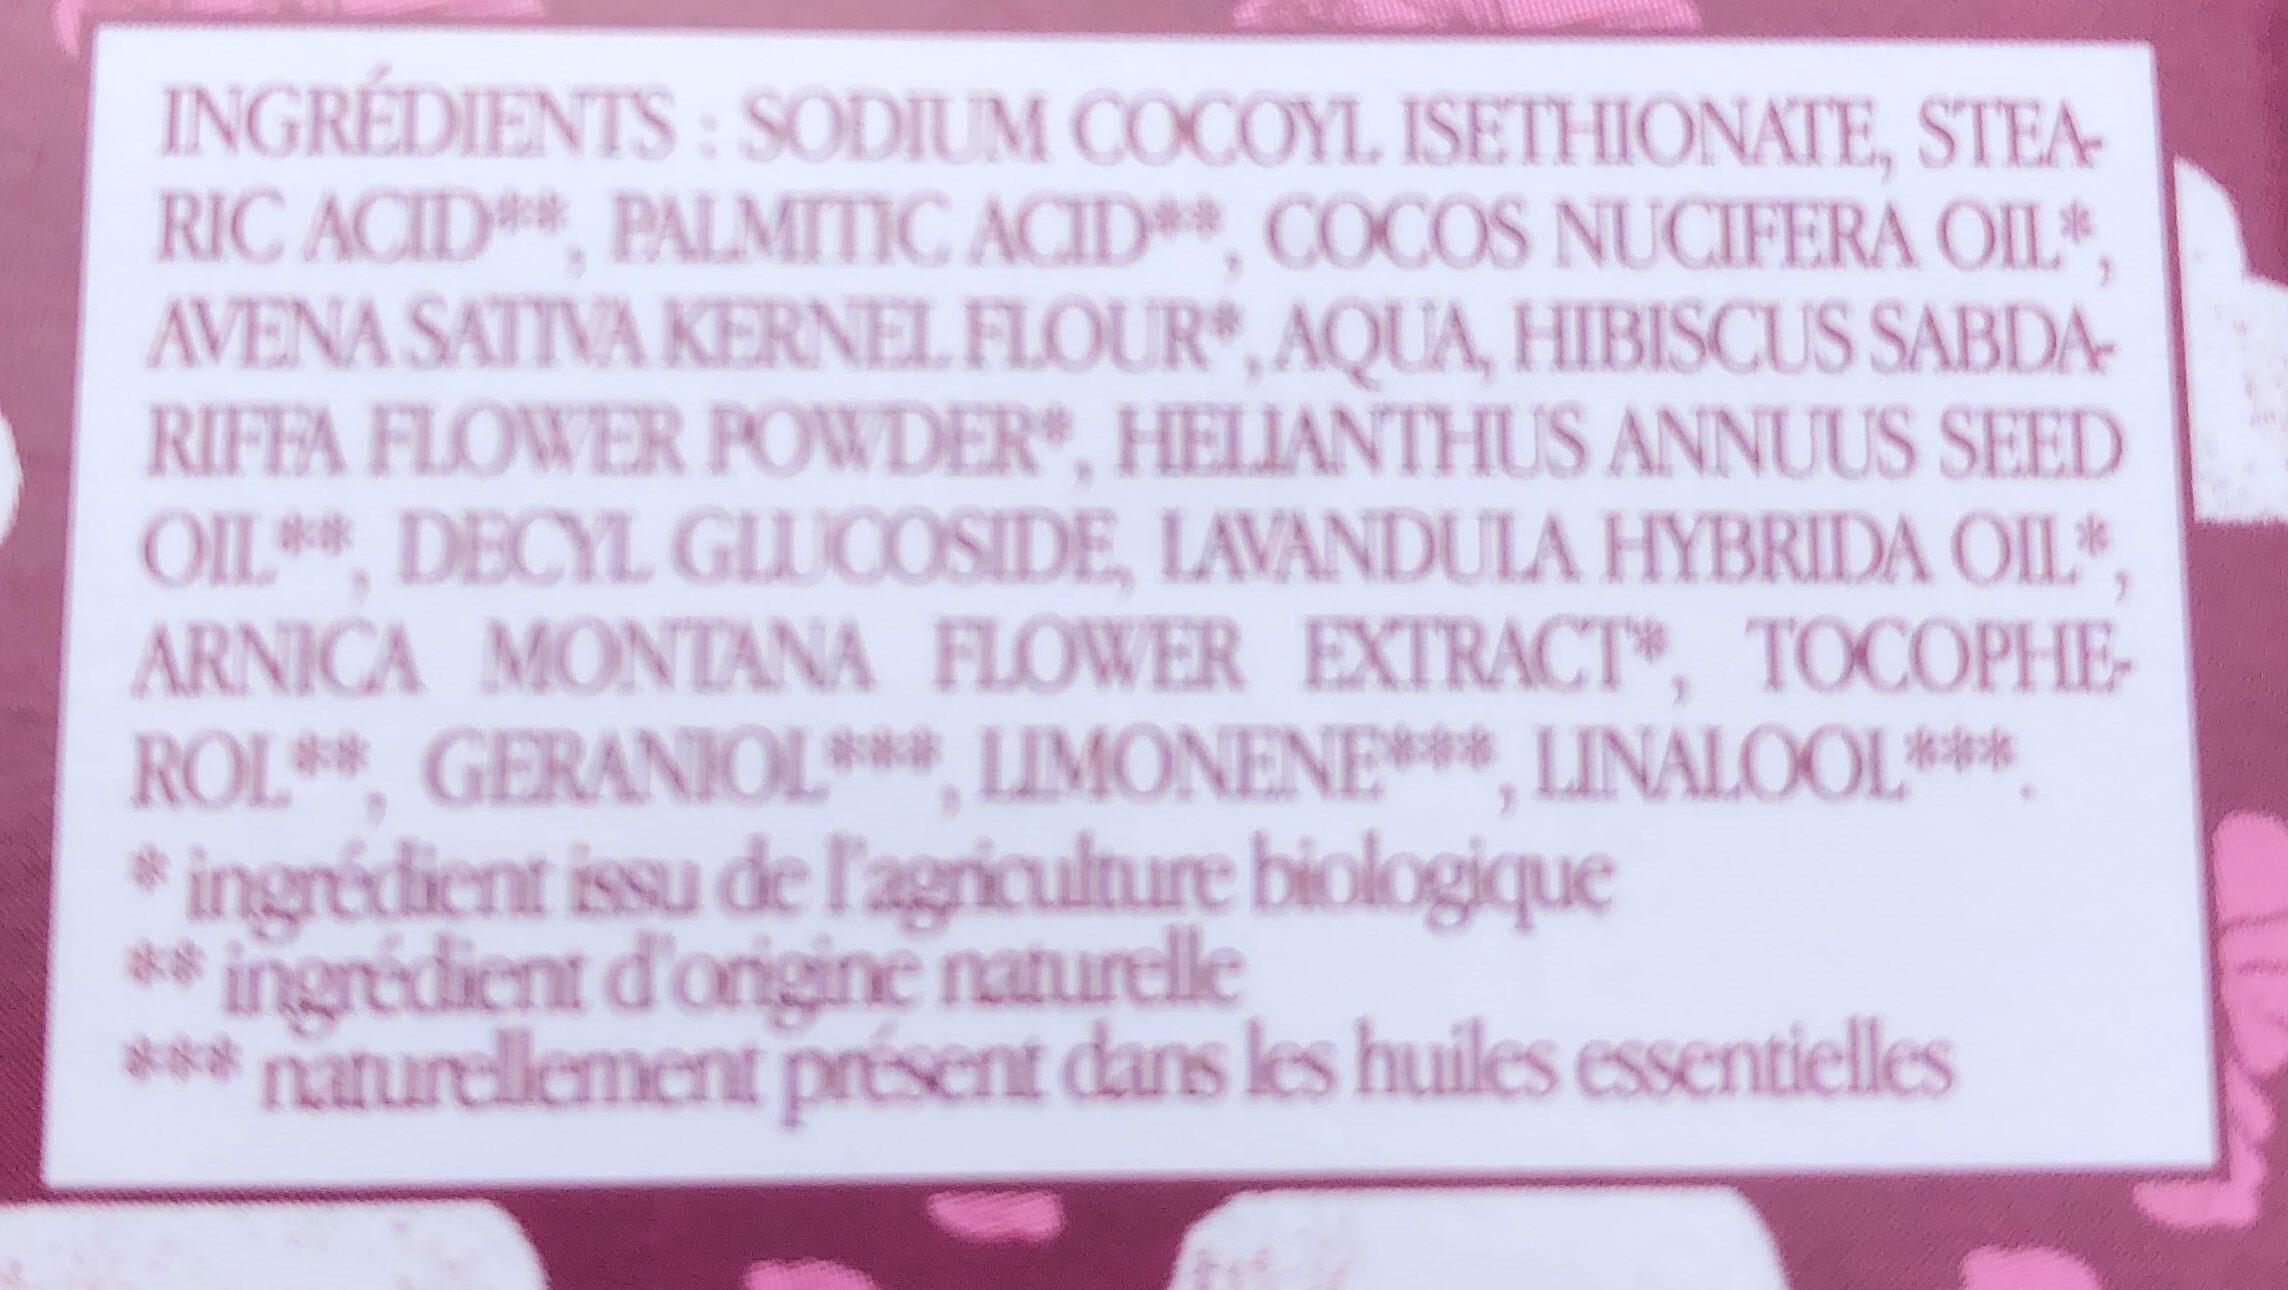 Nettoyant visage solide à l'hibiscus - Ingrédients